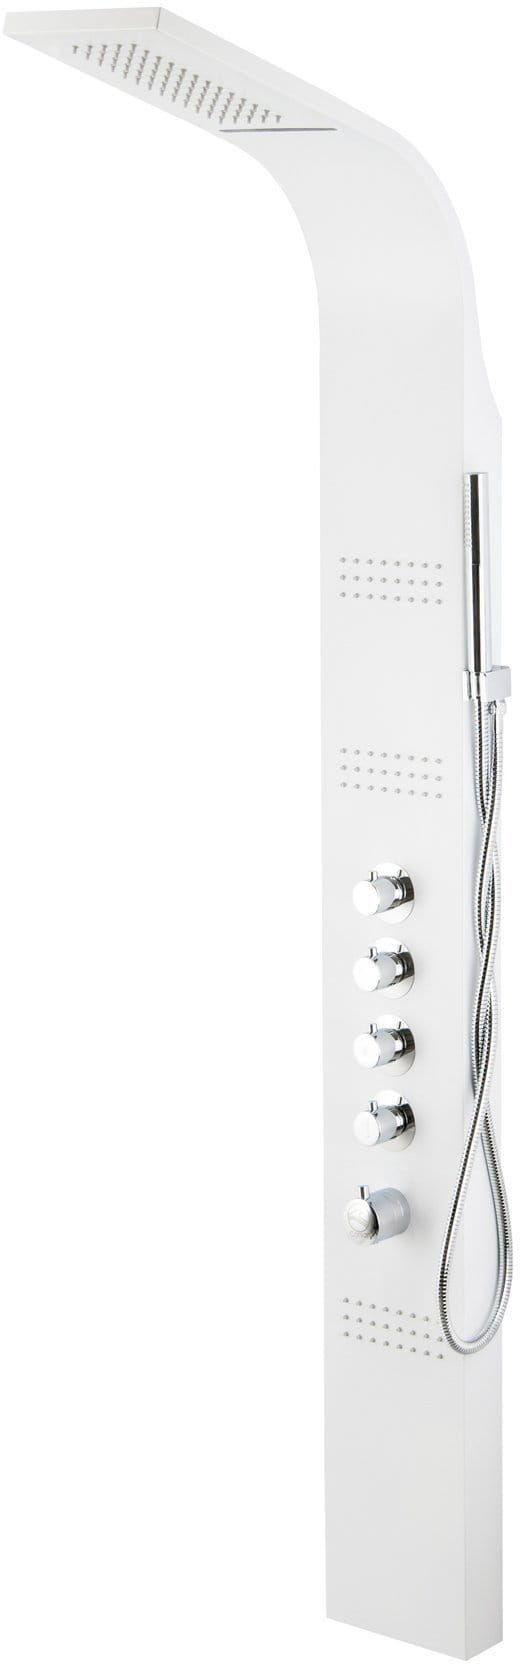 Corsan Kaskada panel prysznicowy z termostatem biały A-013AT NEW LED BIEL